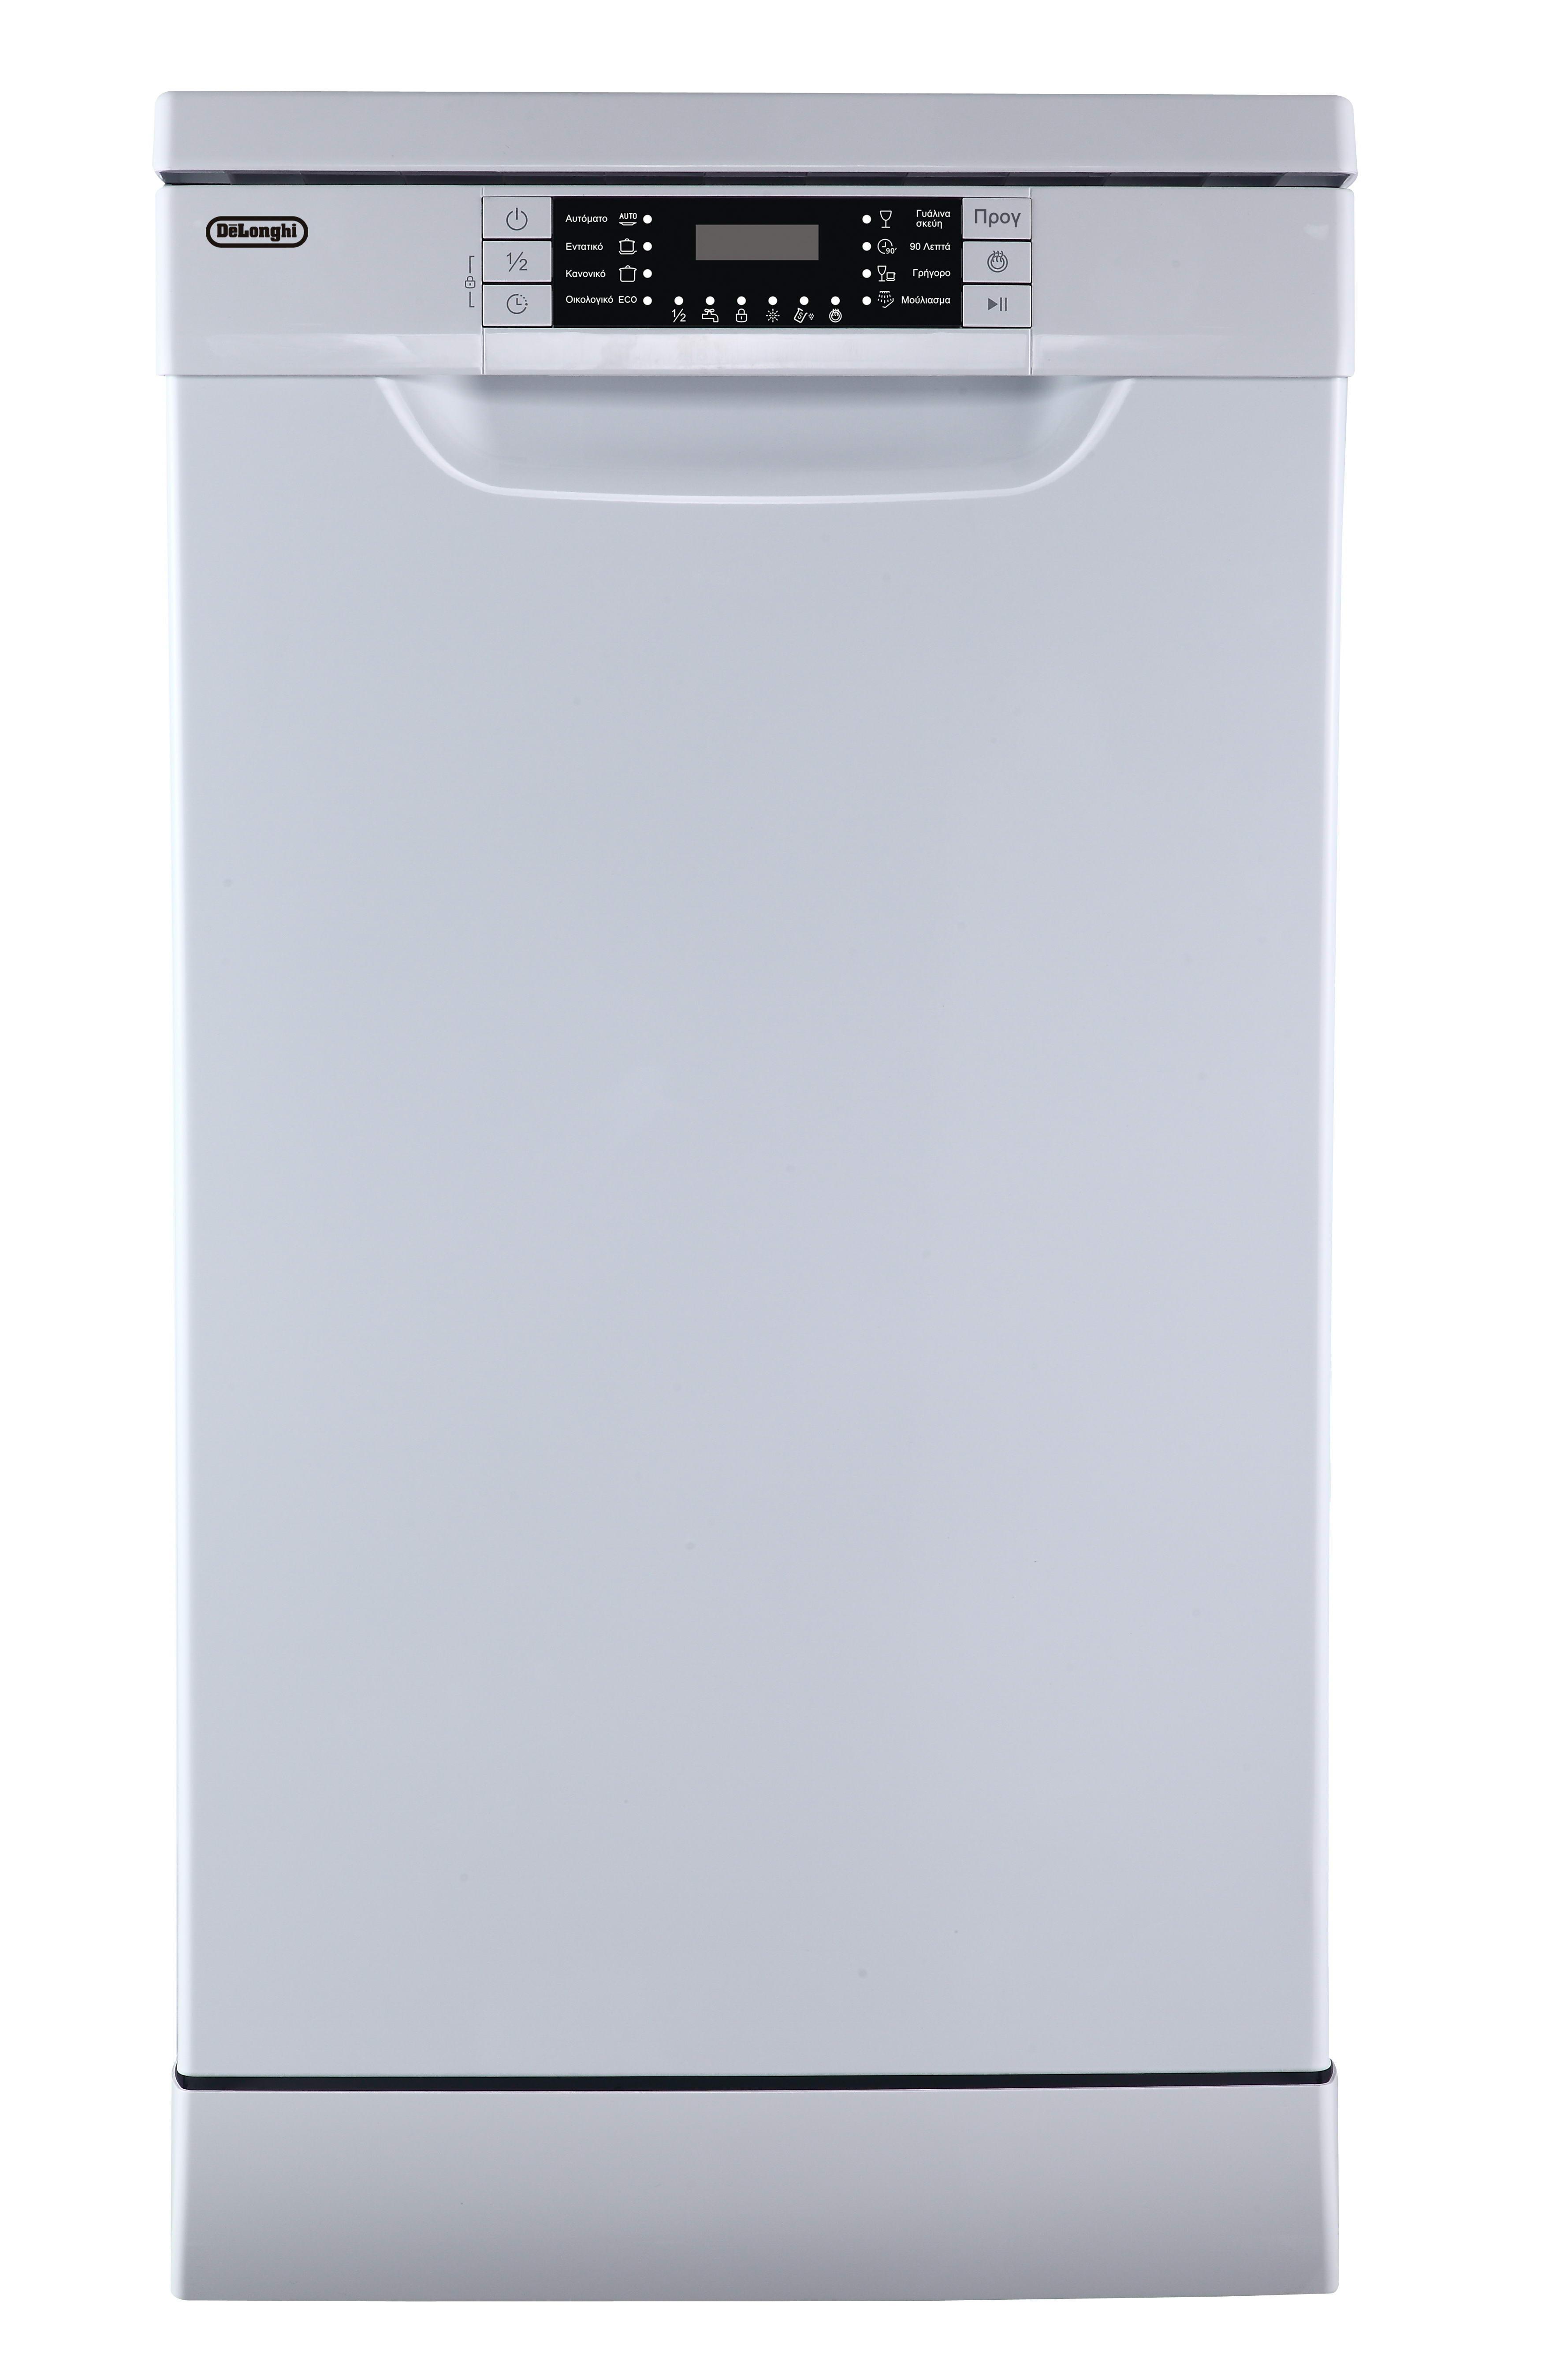 Delonghi DDW45W17 Slim Πλυντήριο Πιάτων 45cm fe539d67ff4